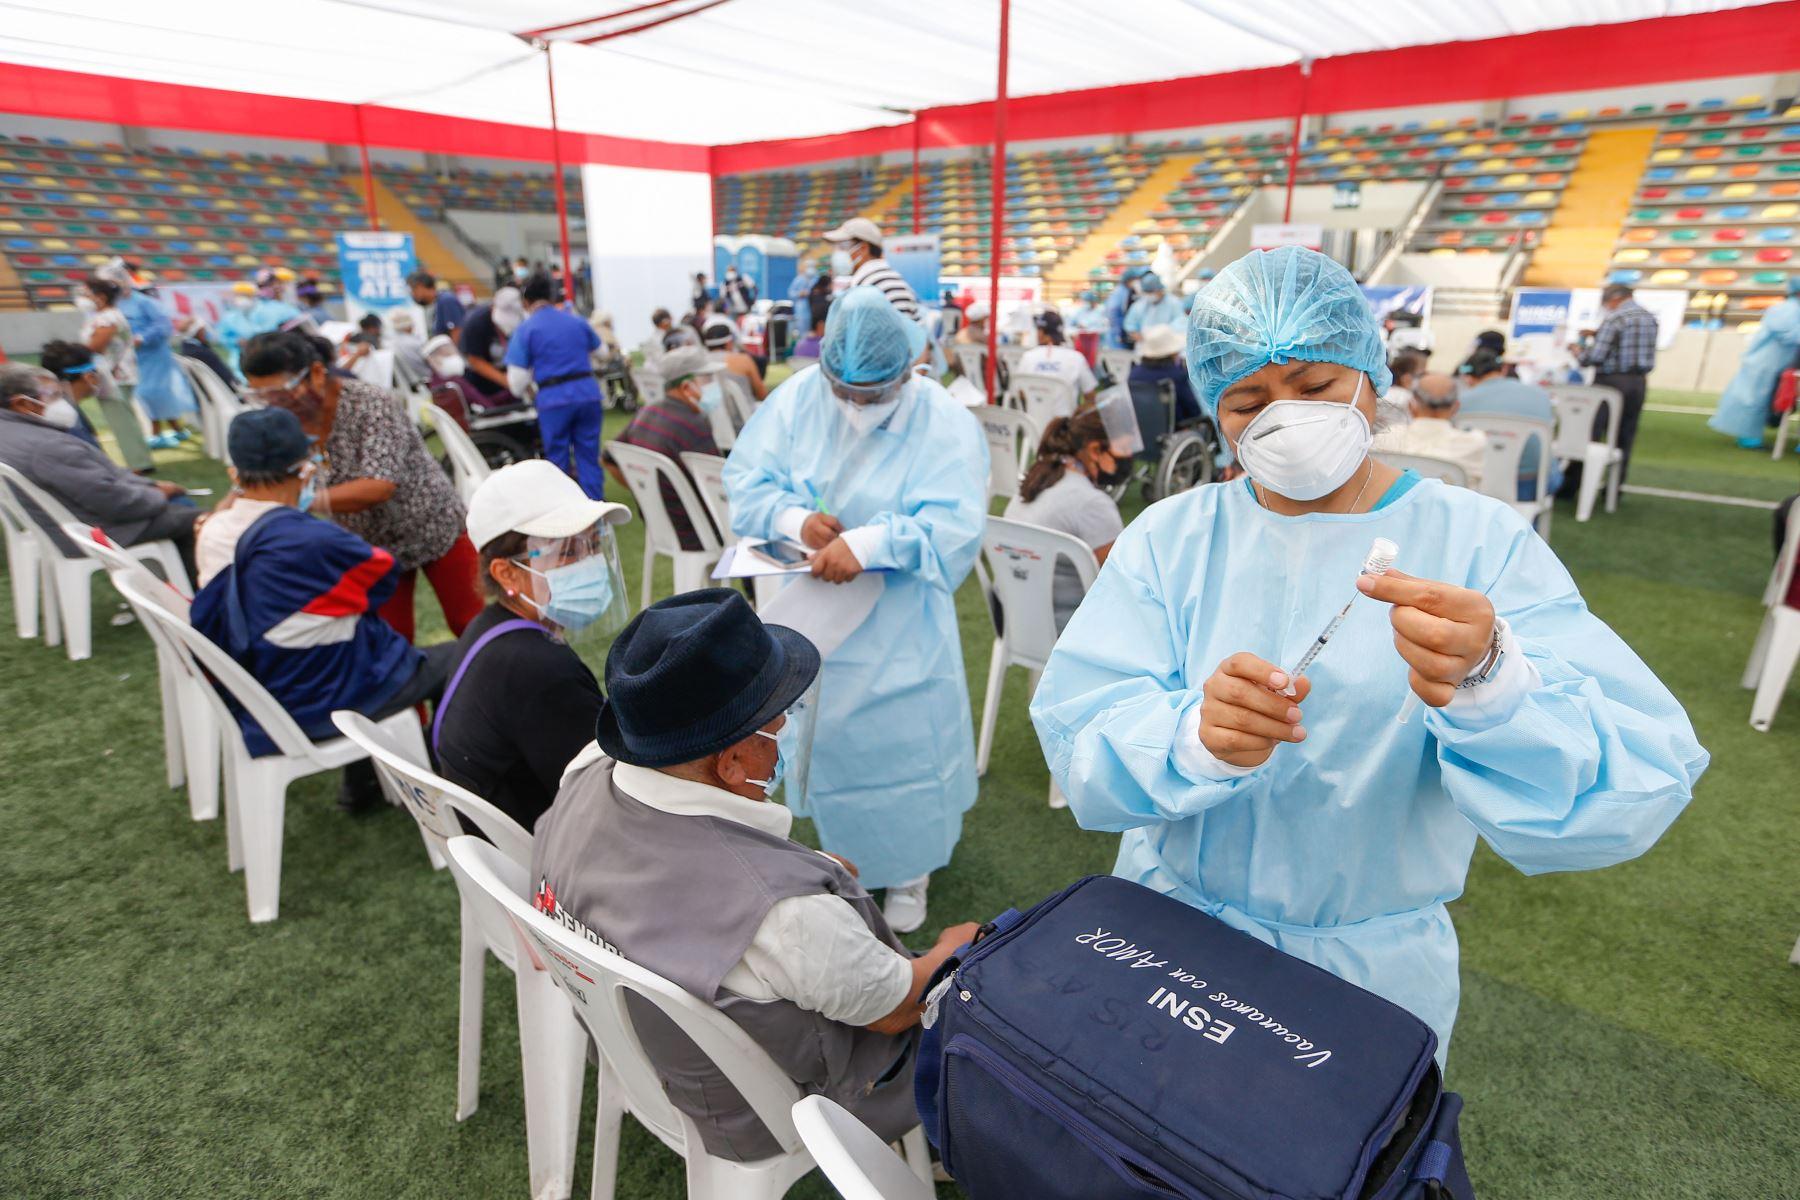 Ministro de Salud informa que con adultos mayores de 70 años se está ampliando capacidad de inmunización. Foto: ANDINA/Difusión